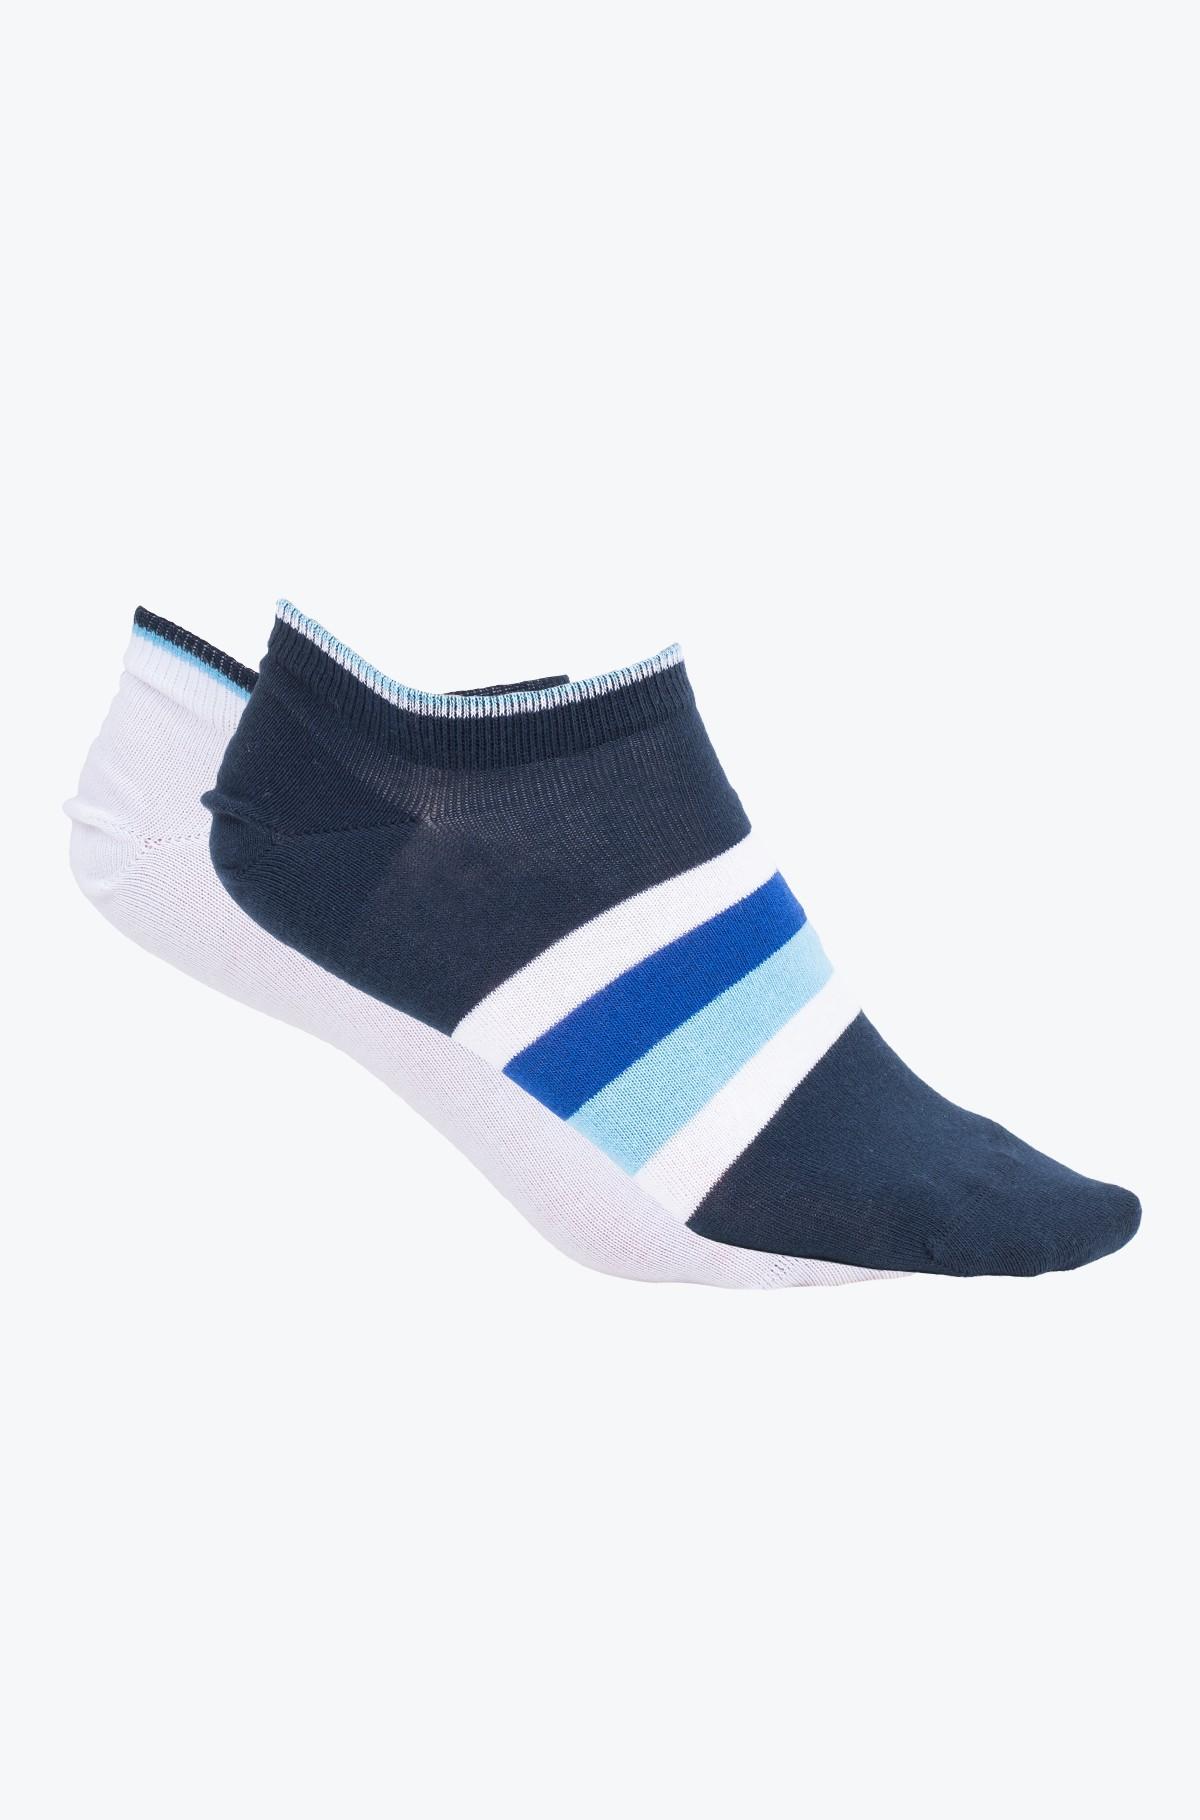 Socks 392001001-full-1